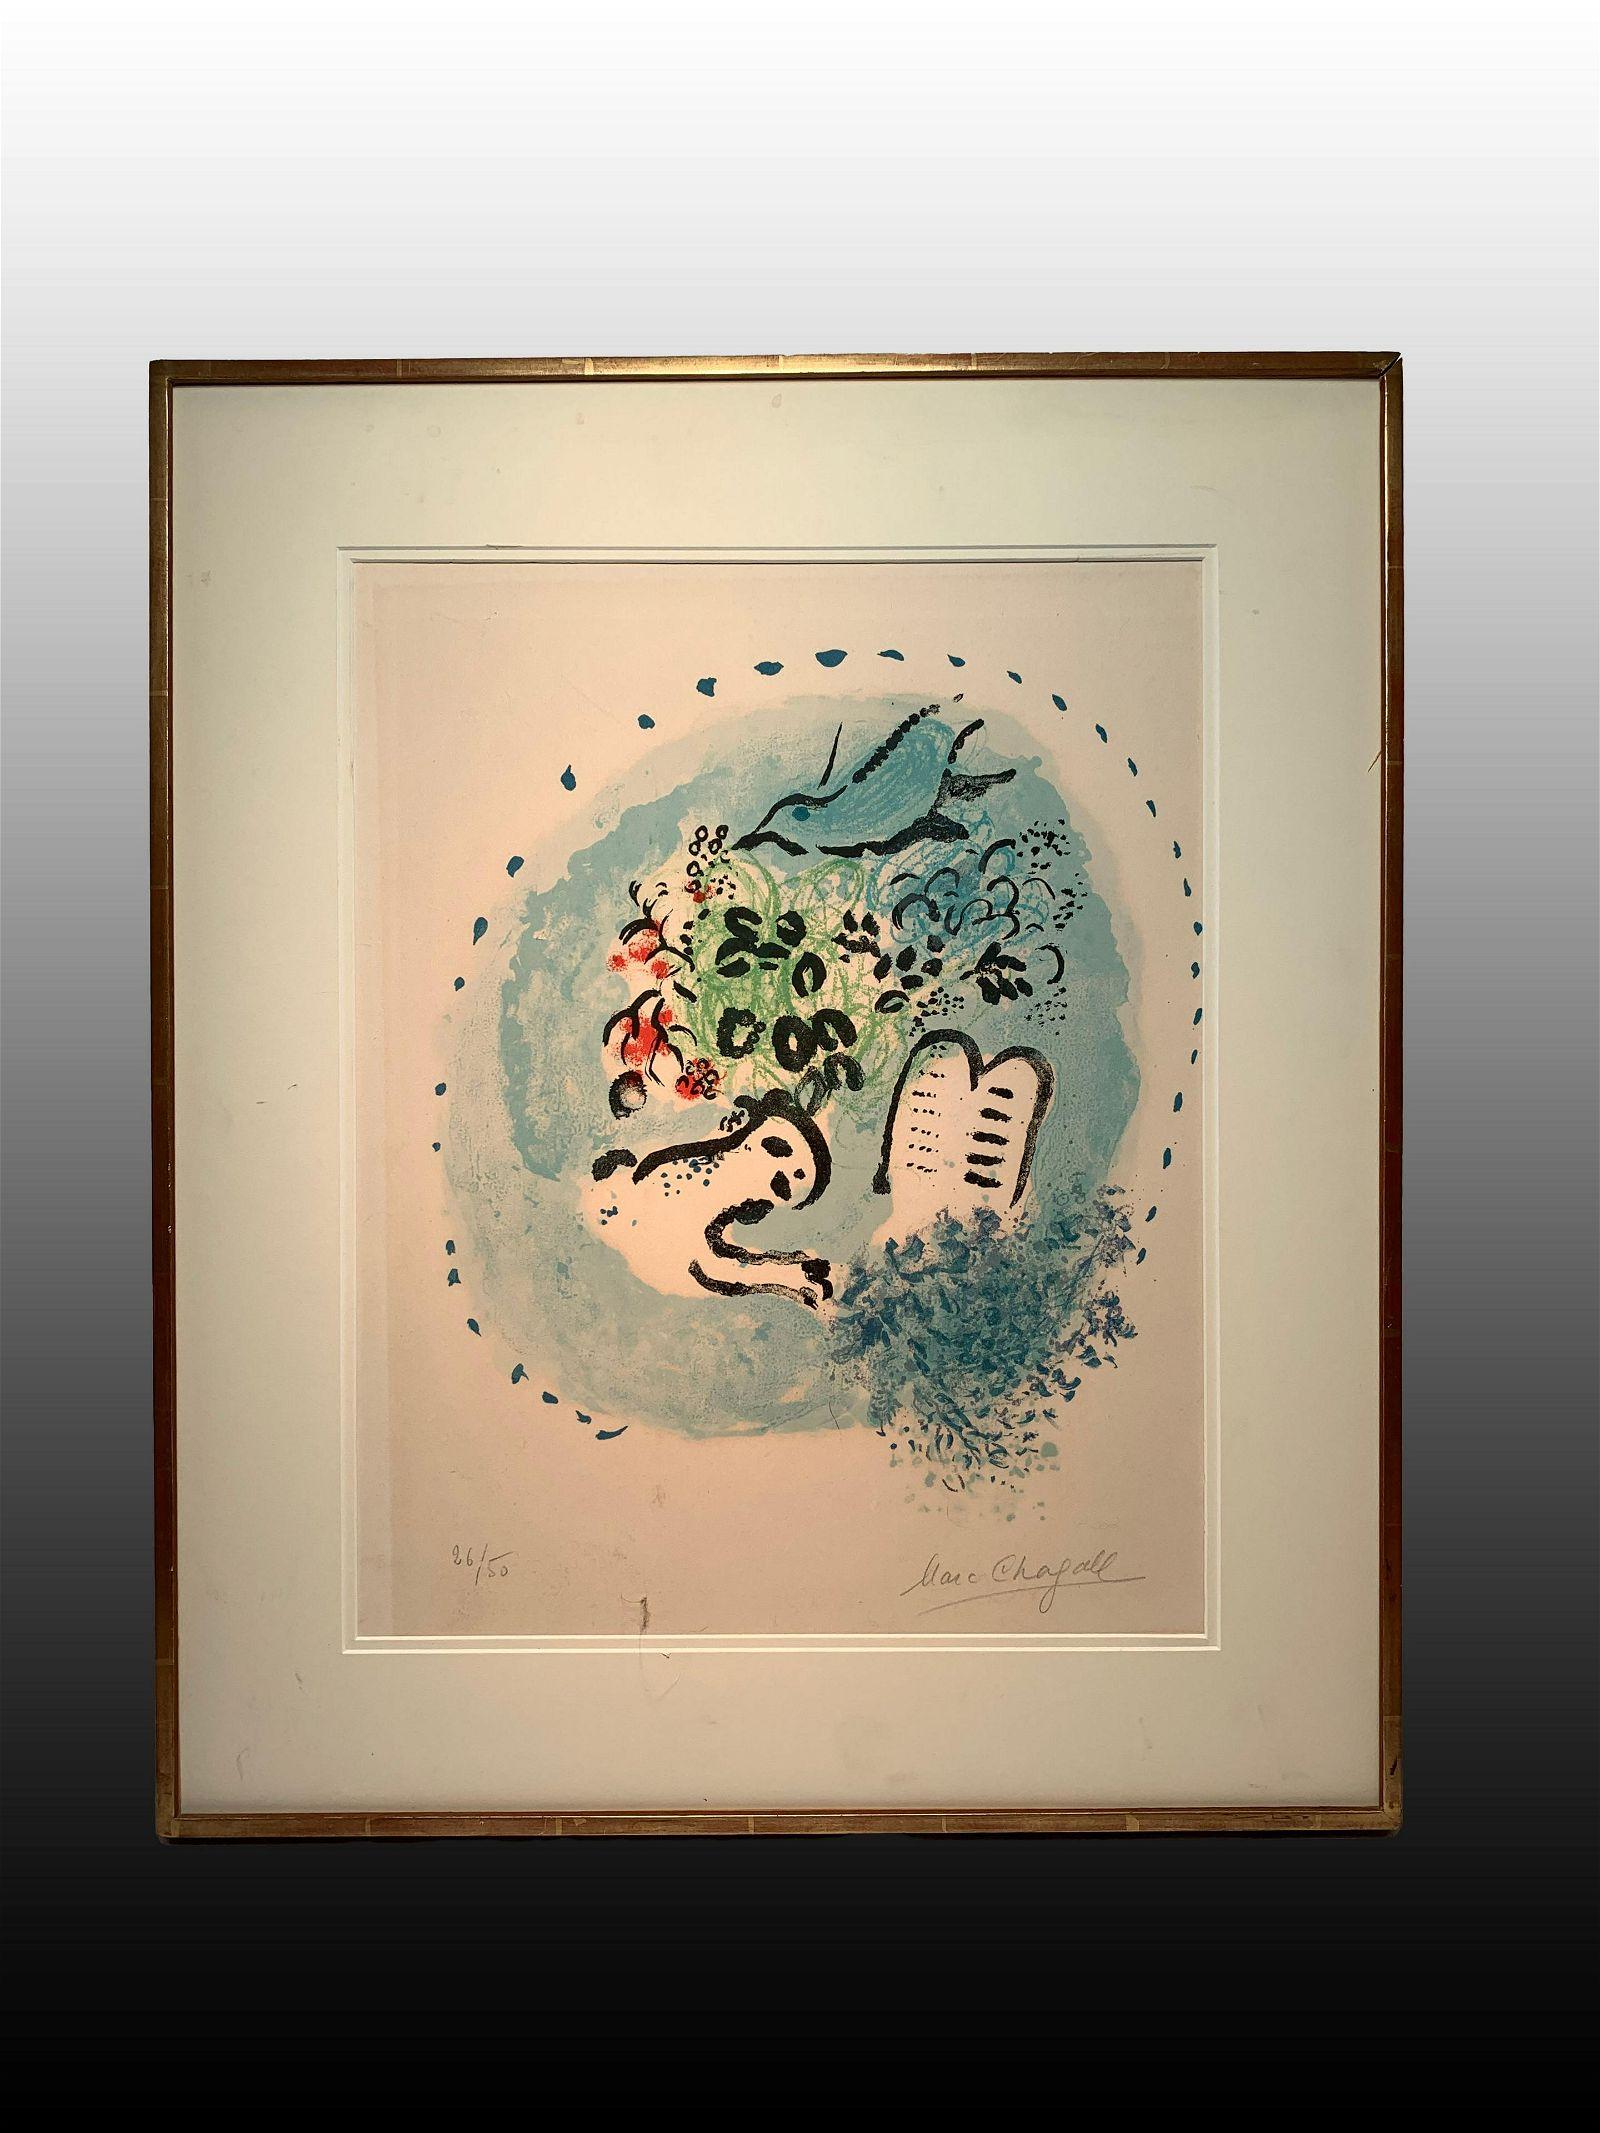 Marc Chagall, France/N.Y. (1887-1985) Lithograph